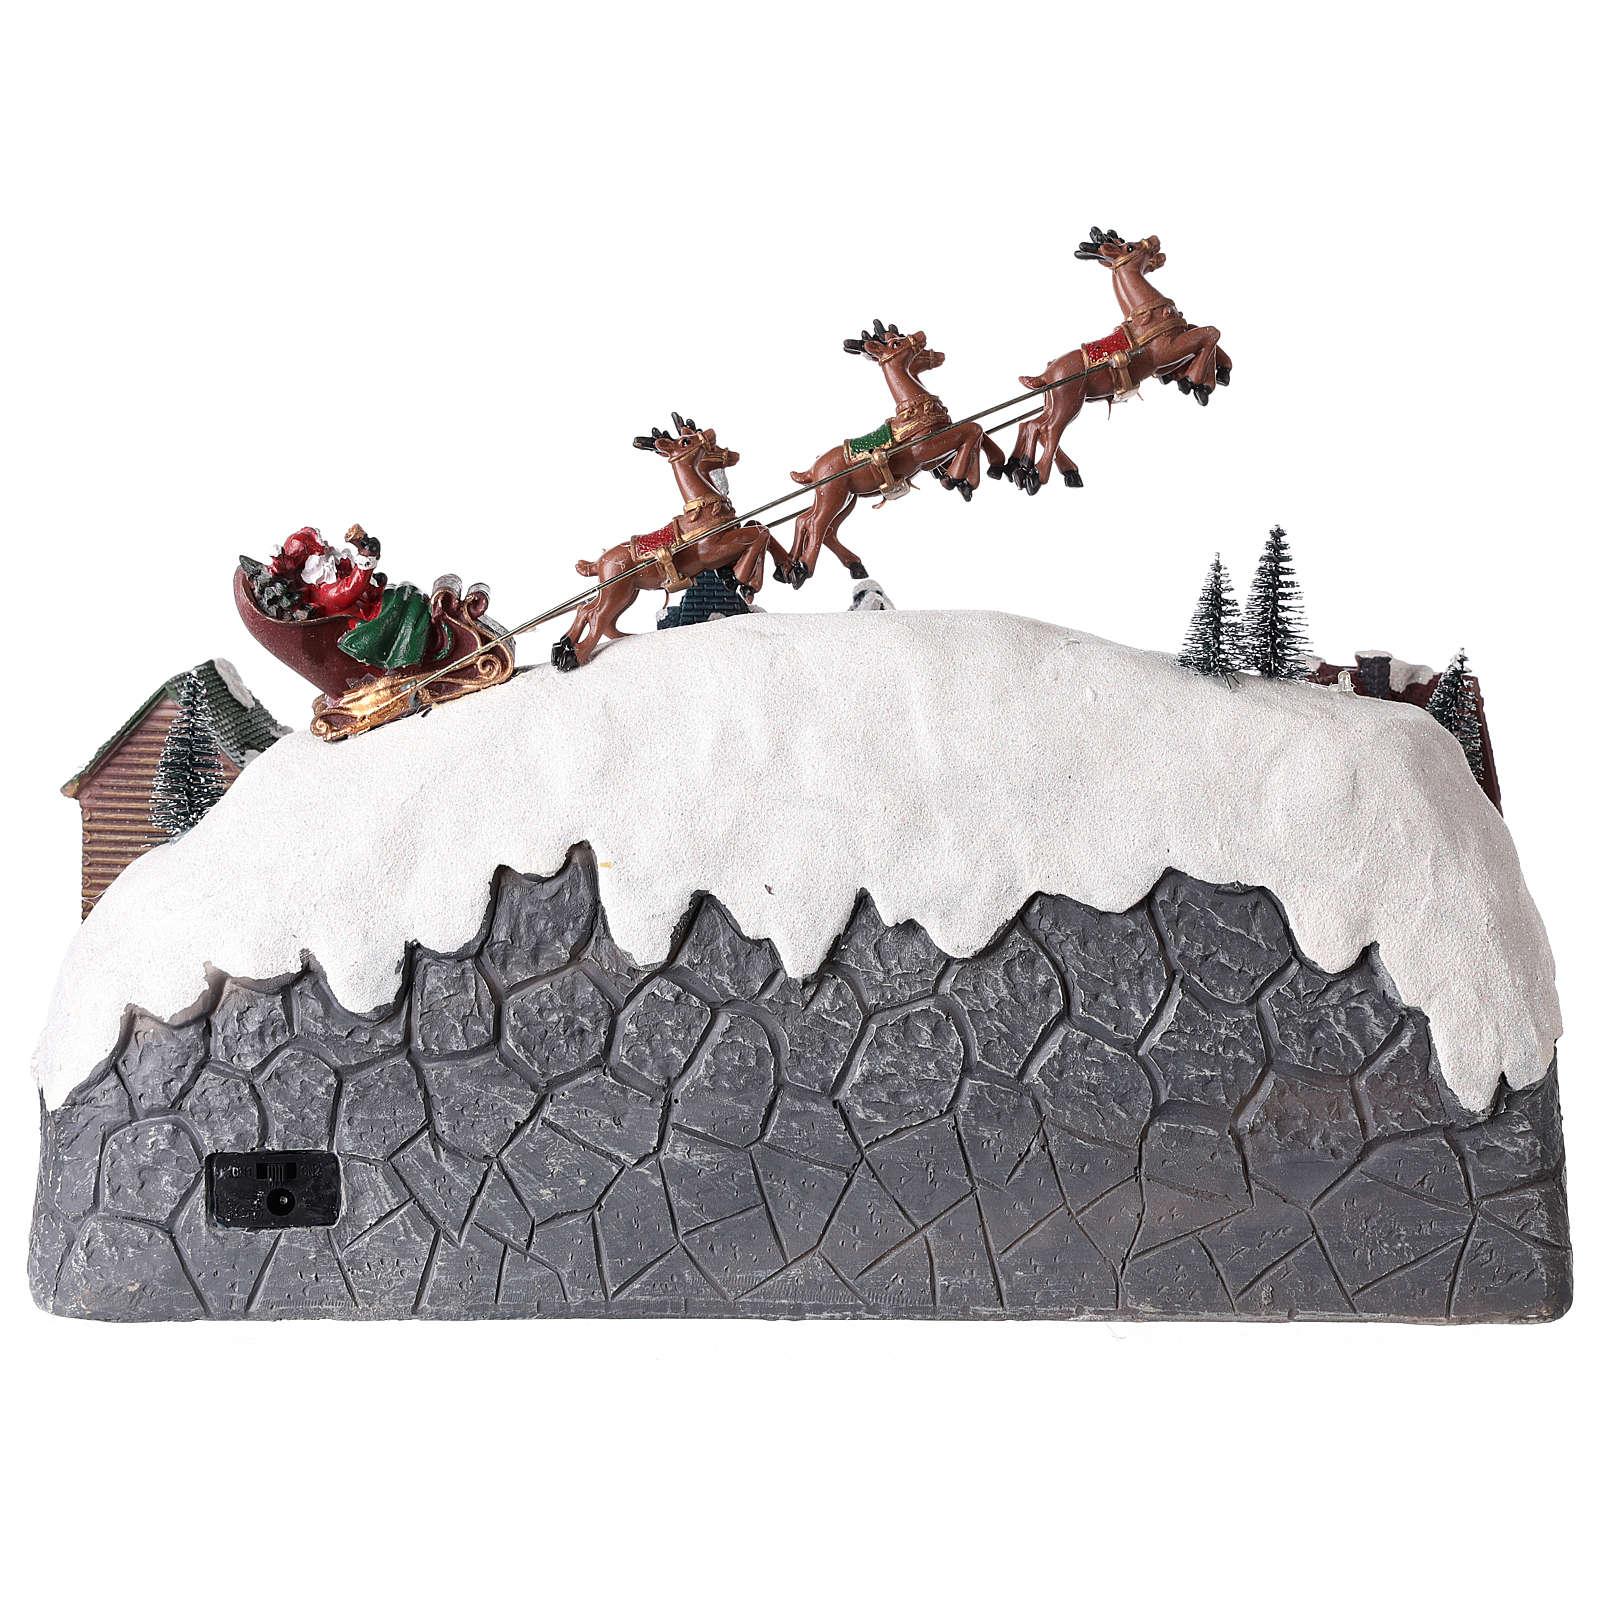 Weihnachtsdorf mit Weihnachtmann im Schlitten, aus Kunstharz, 25x40x20 cm 3